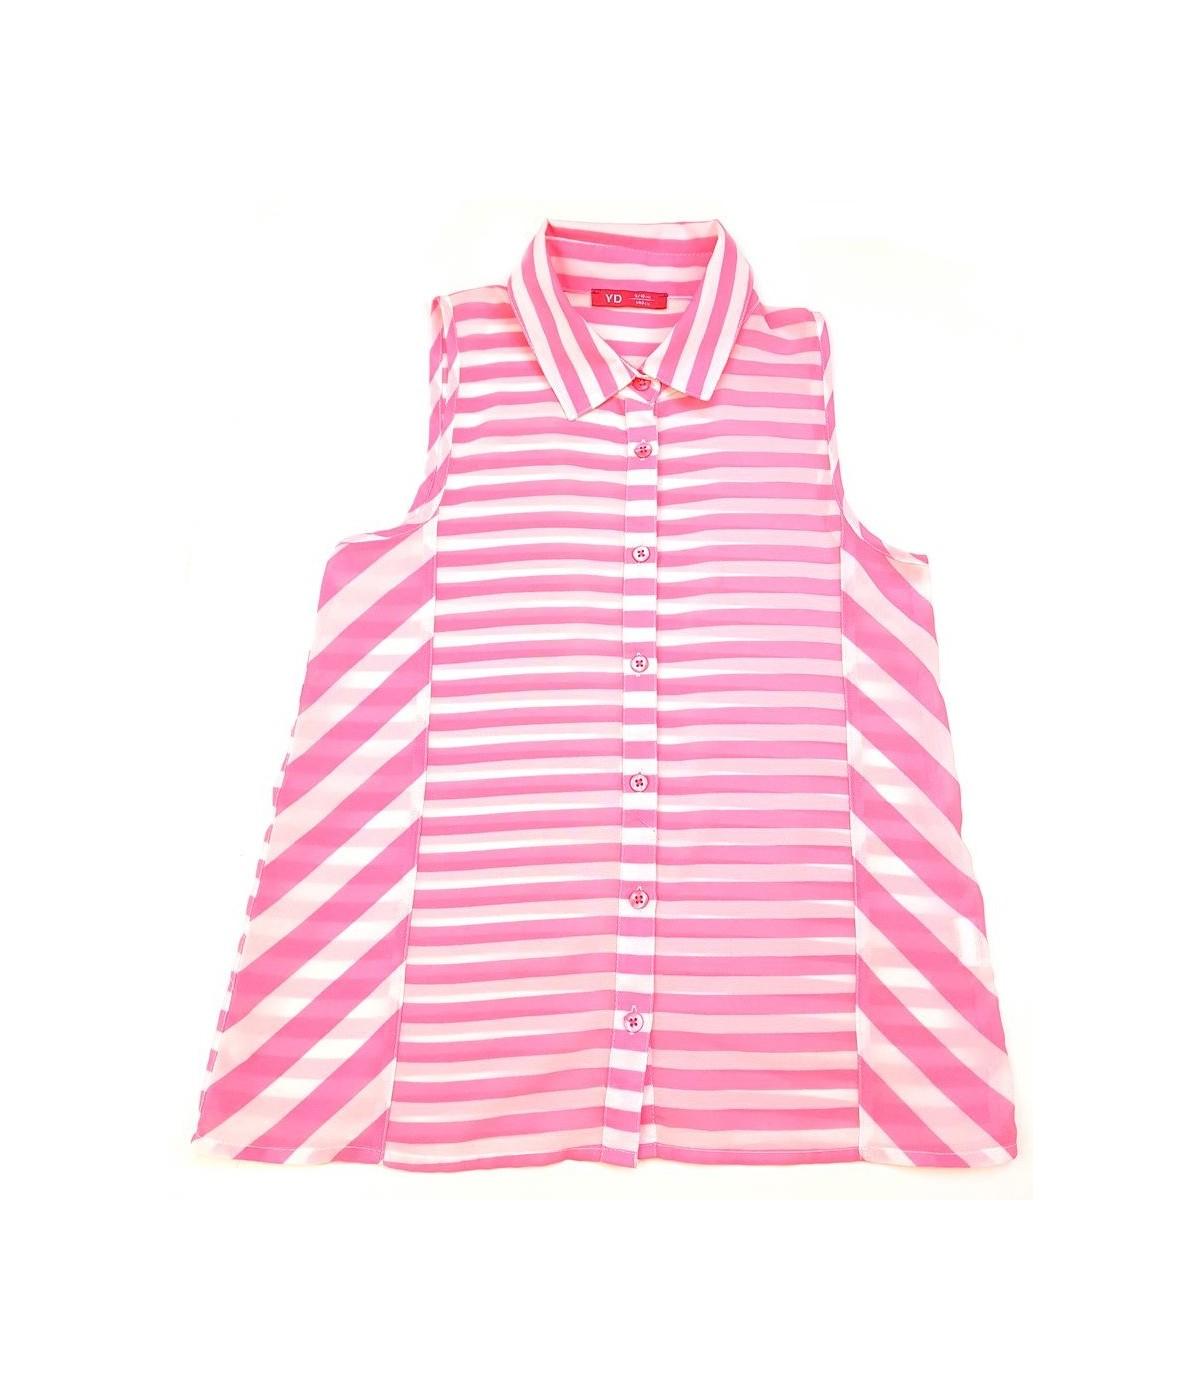 ff4a873ae1 Pink csíkos felső (140) - Ruhacuka